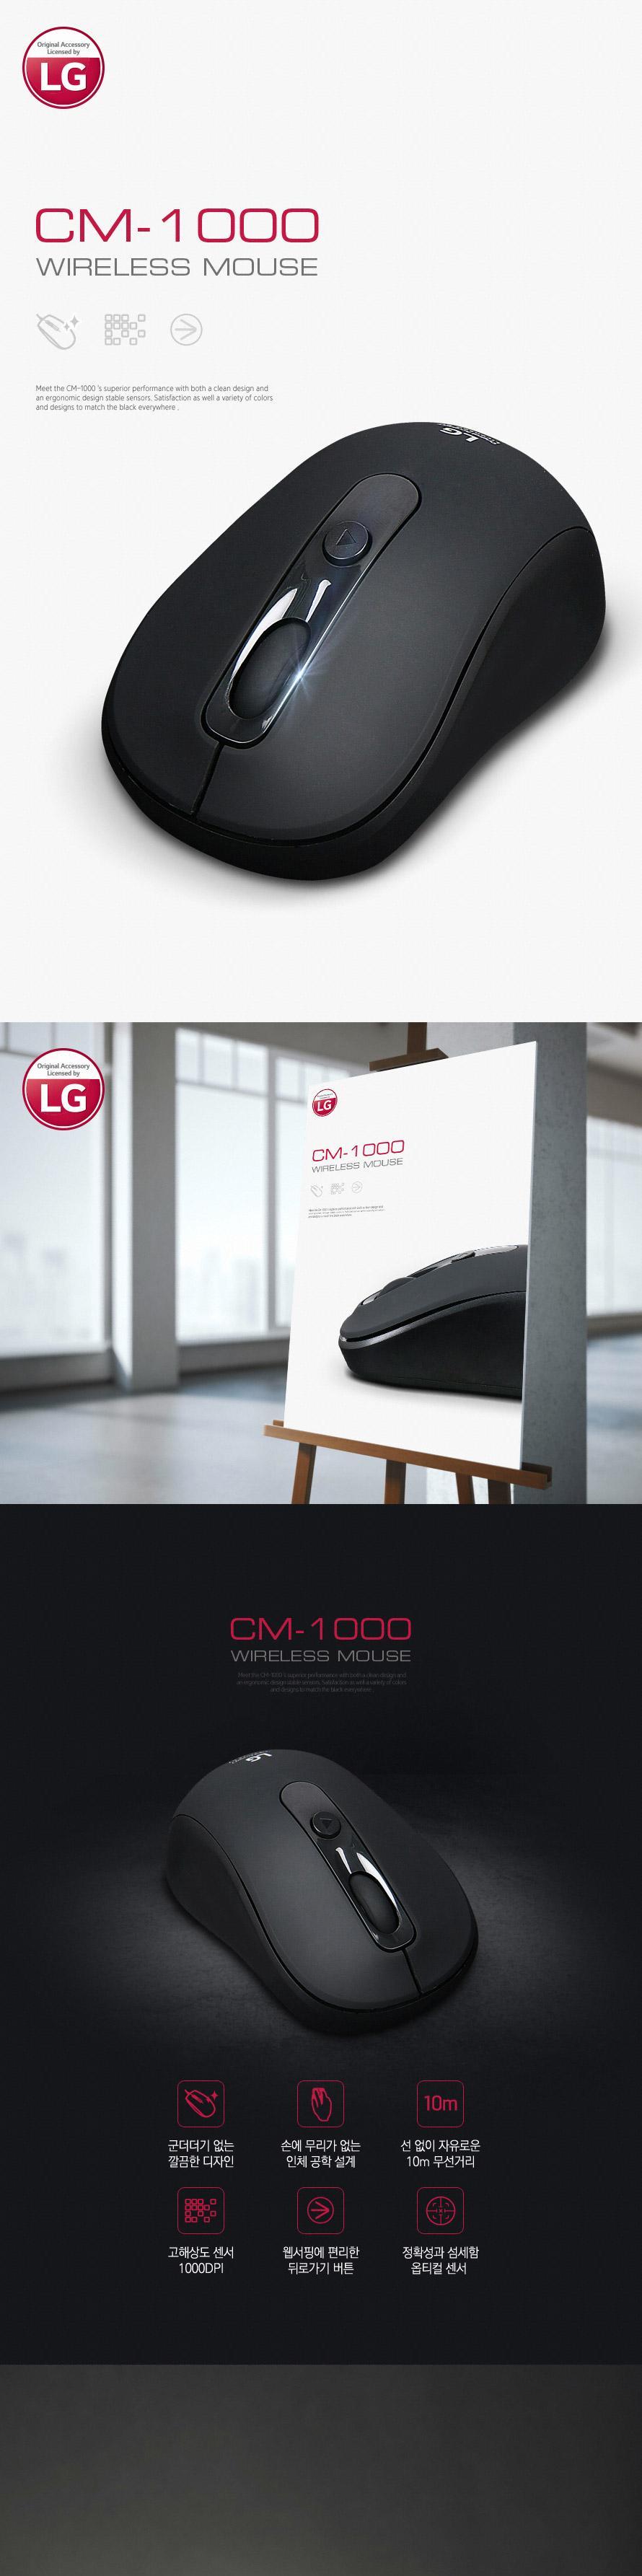 마우스 LG전자 (CM-1000) 무선. 1000dpi 게이밍마우스 가정용마우스 편리한마우스 무선마우스 인터넷마우스